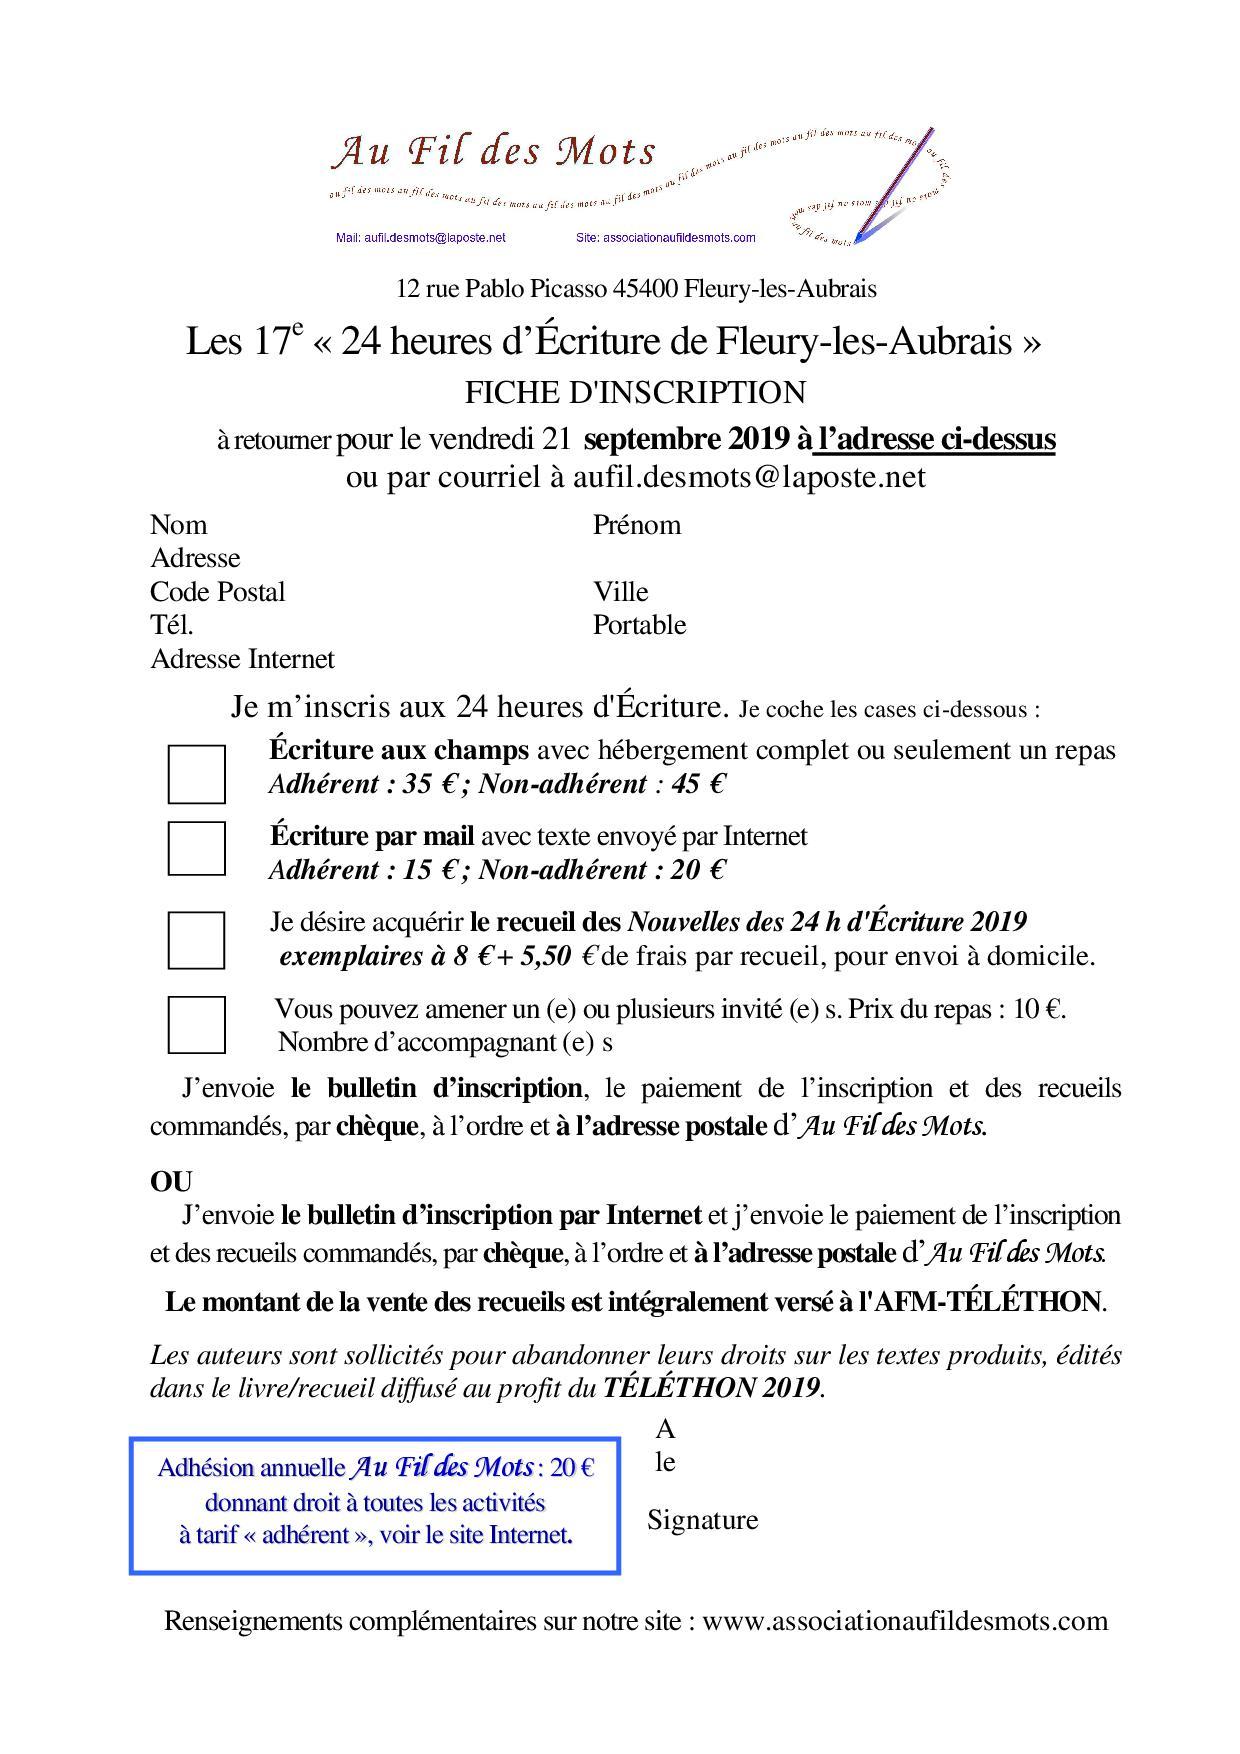 24h_2019_Fiche_Inscription